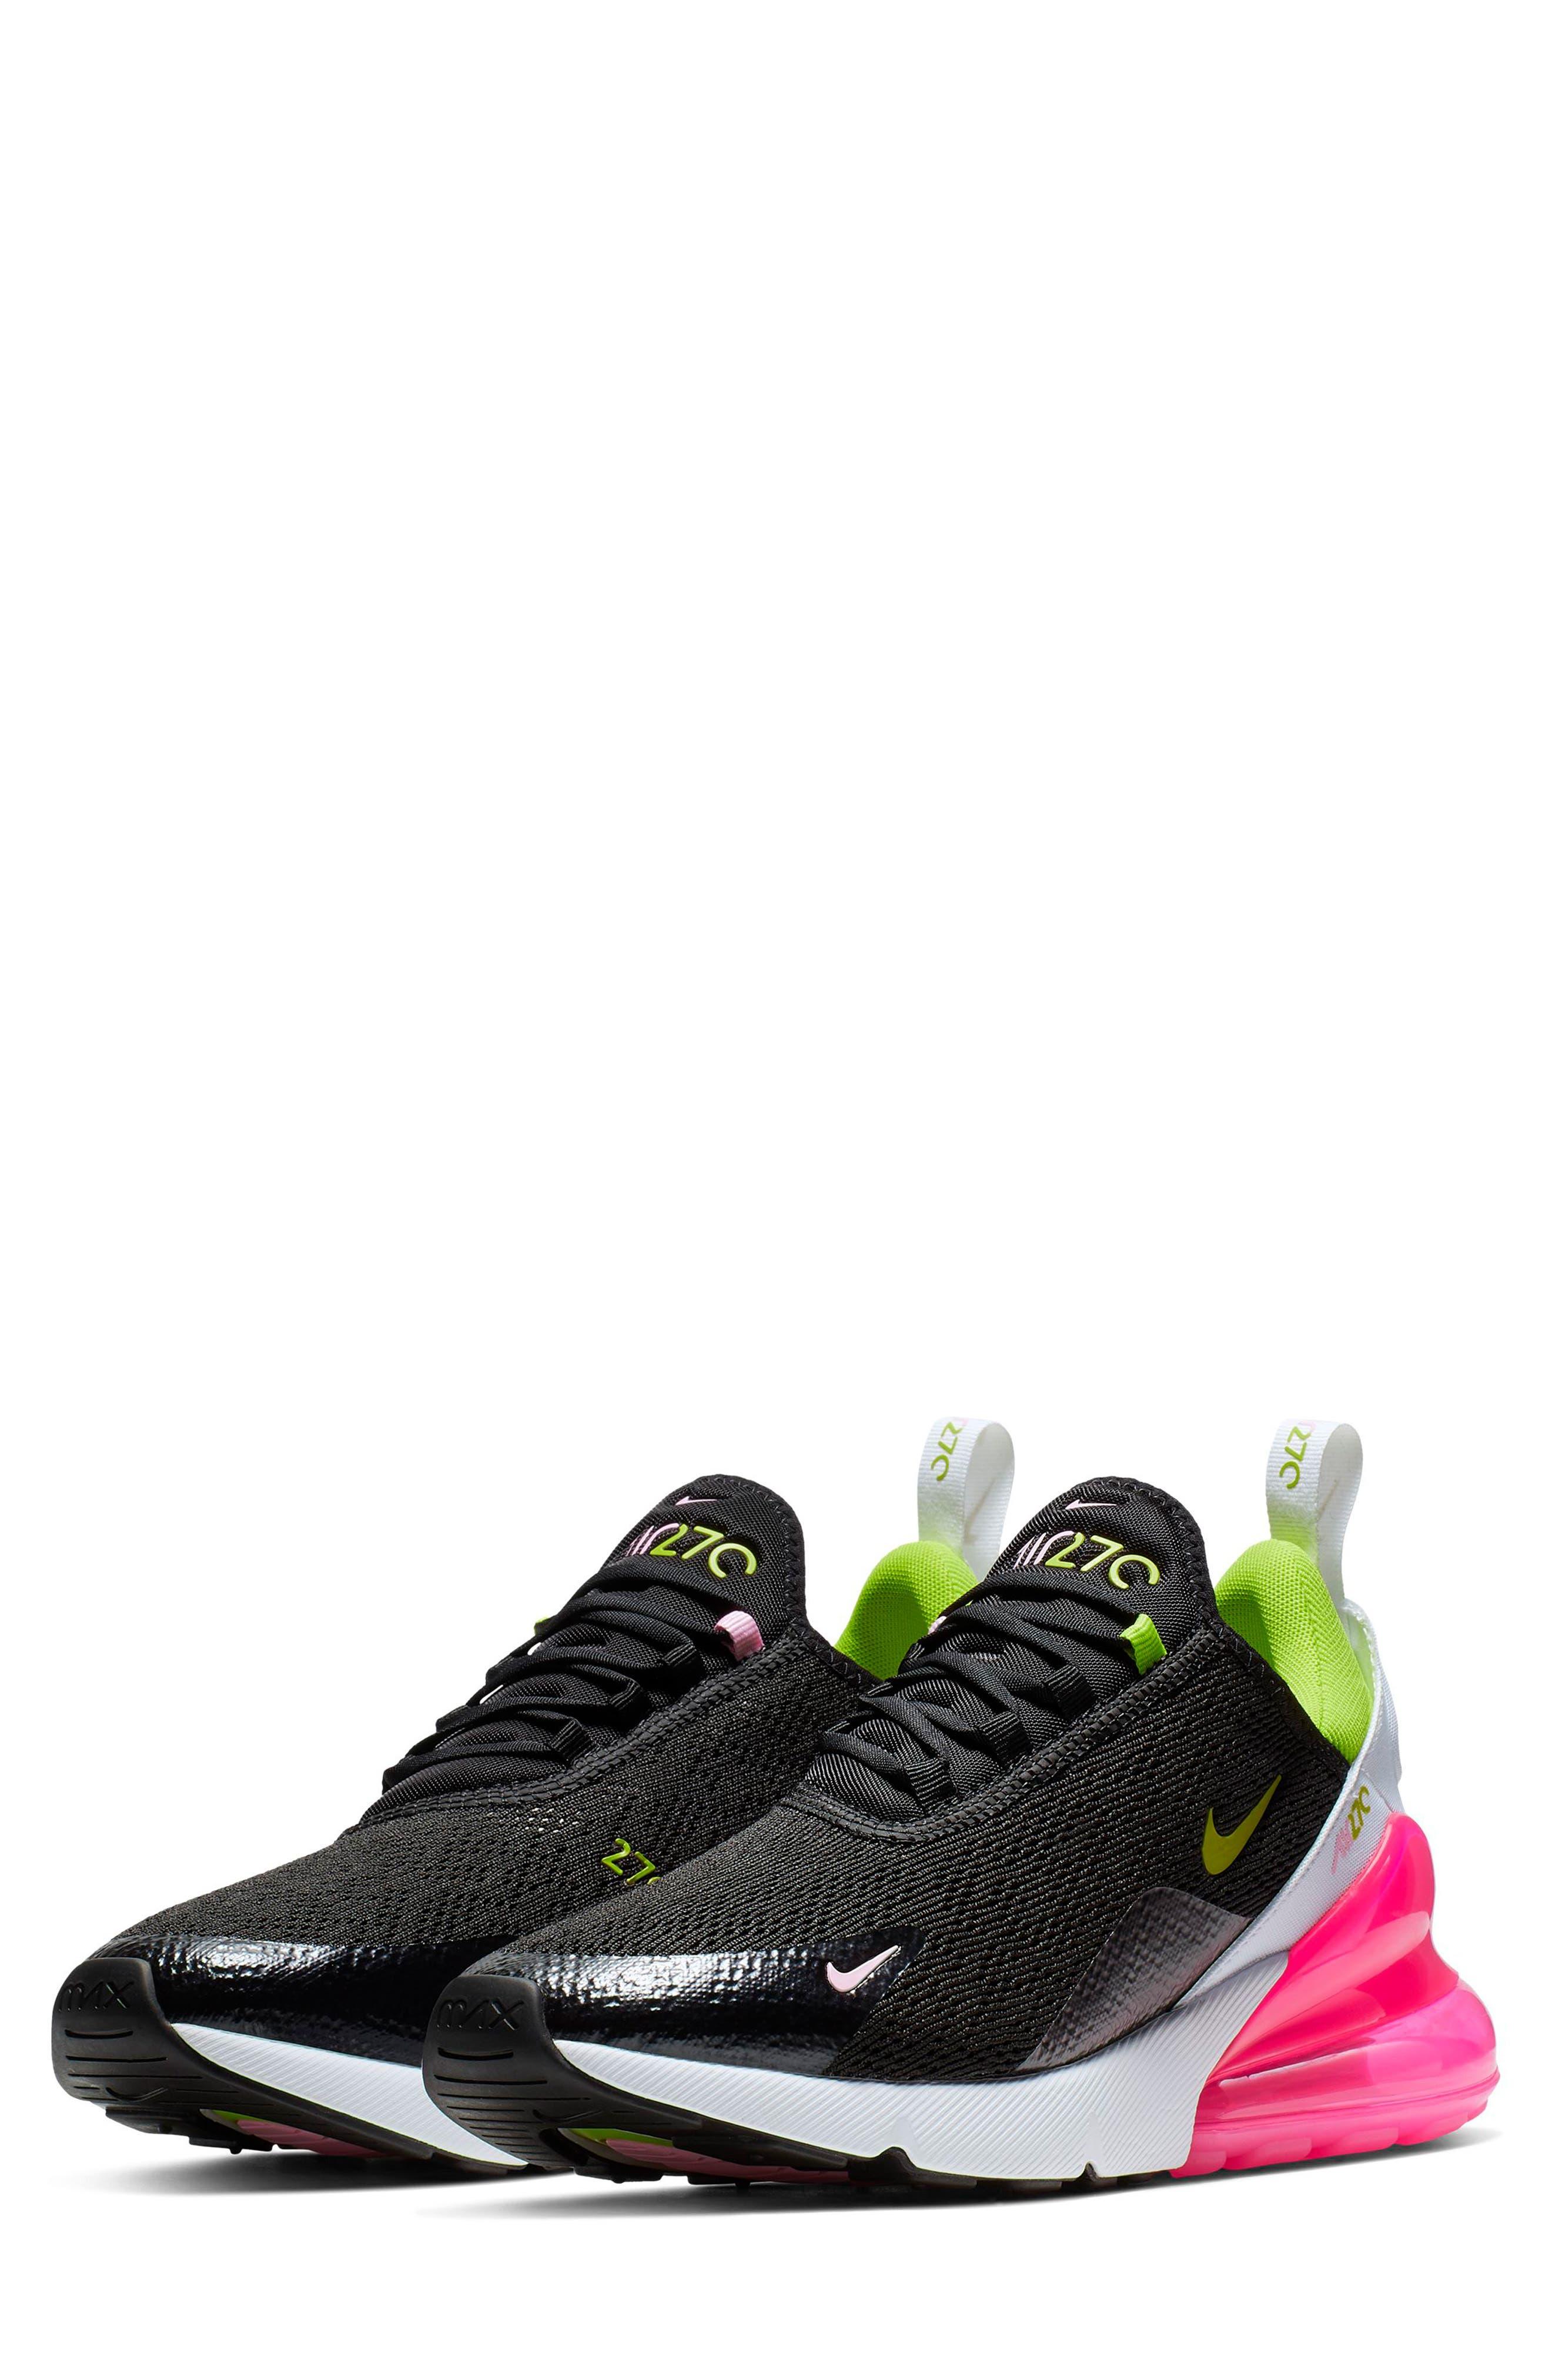 Women's Nike ShoesNordstrom ShoesNordstrom Women's Nike Nike Nike Women's Women's Women's ShoesNordstrom ShoesNordstrom UGSVLMqzp